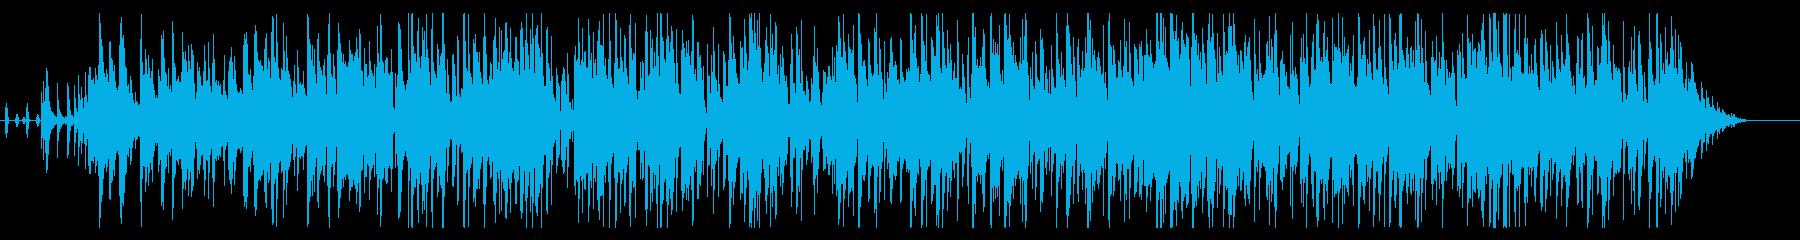 生ウクレレの爽やかハワイアン風の再生済みの波形